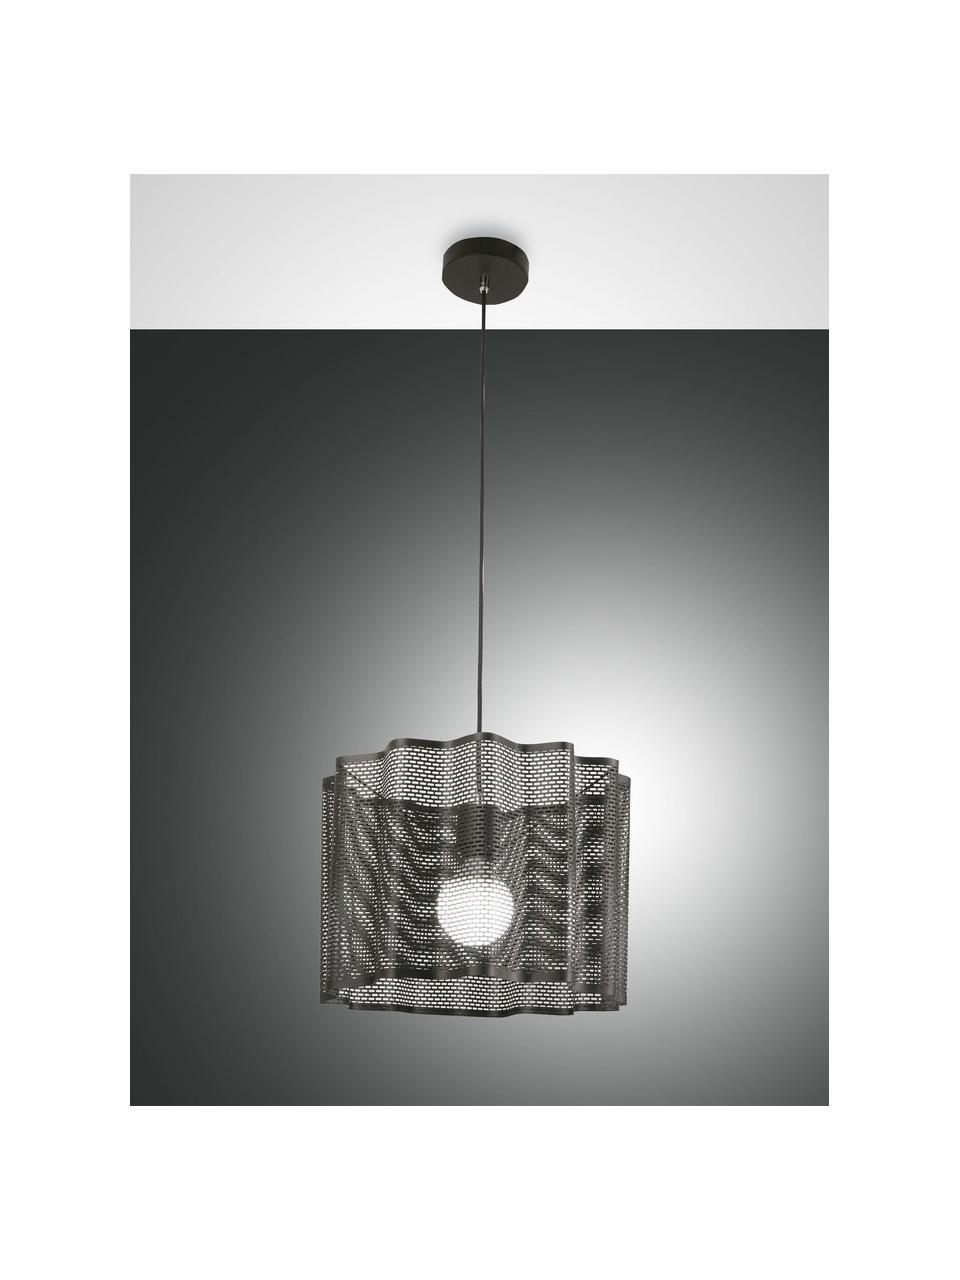 Hanglamp Glicine in zwart, Lampenkap: gecoat metaal, Baldakijn: gecoat metaal, Zwart, Ø 40 x H 28 cm